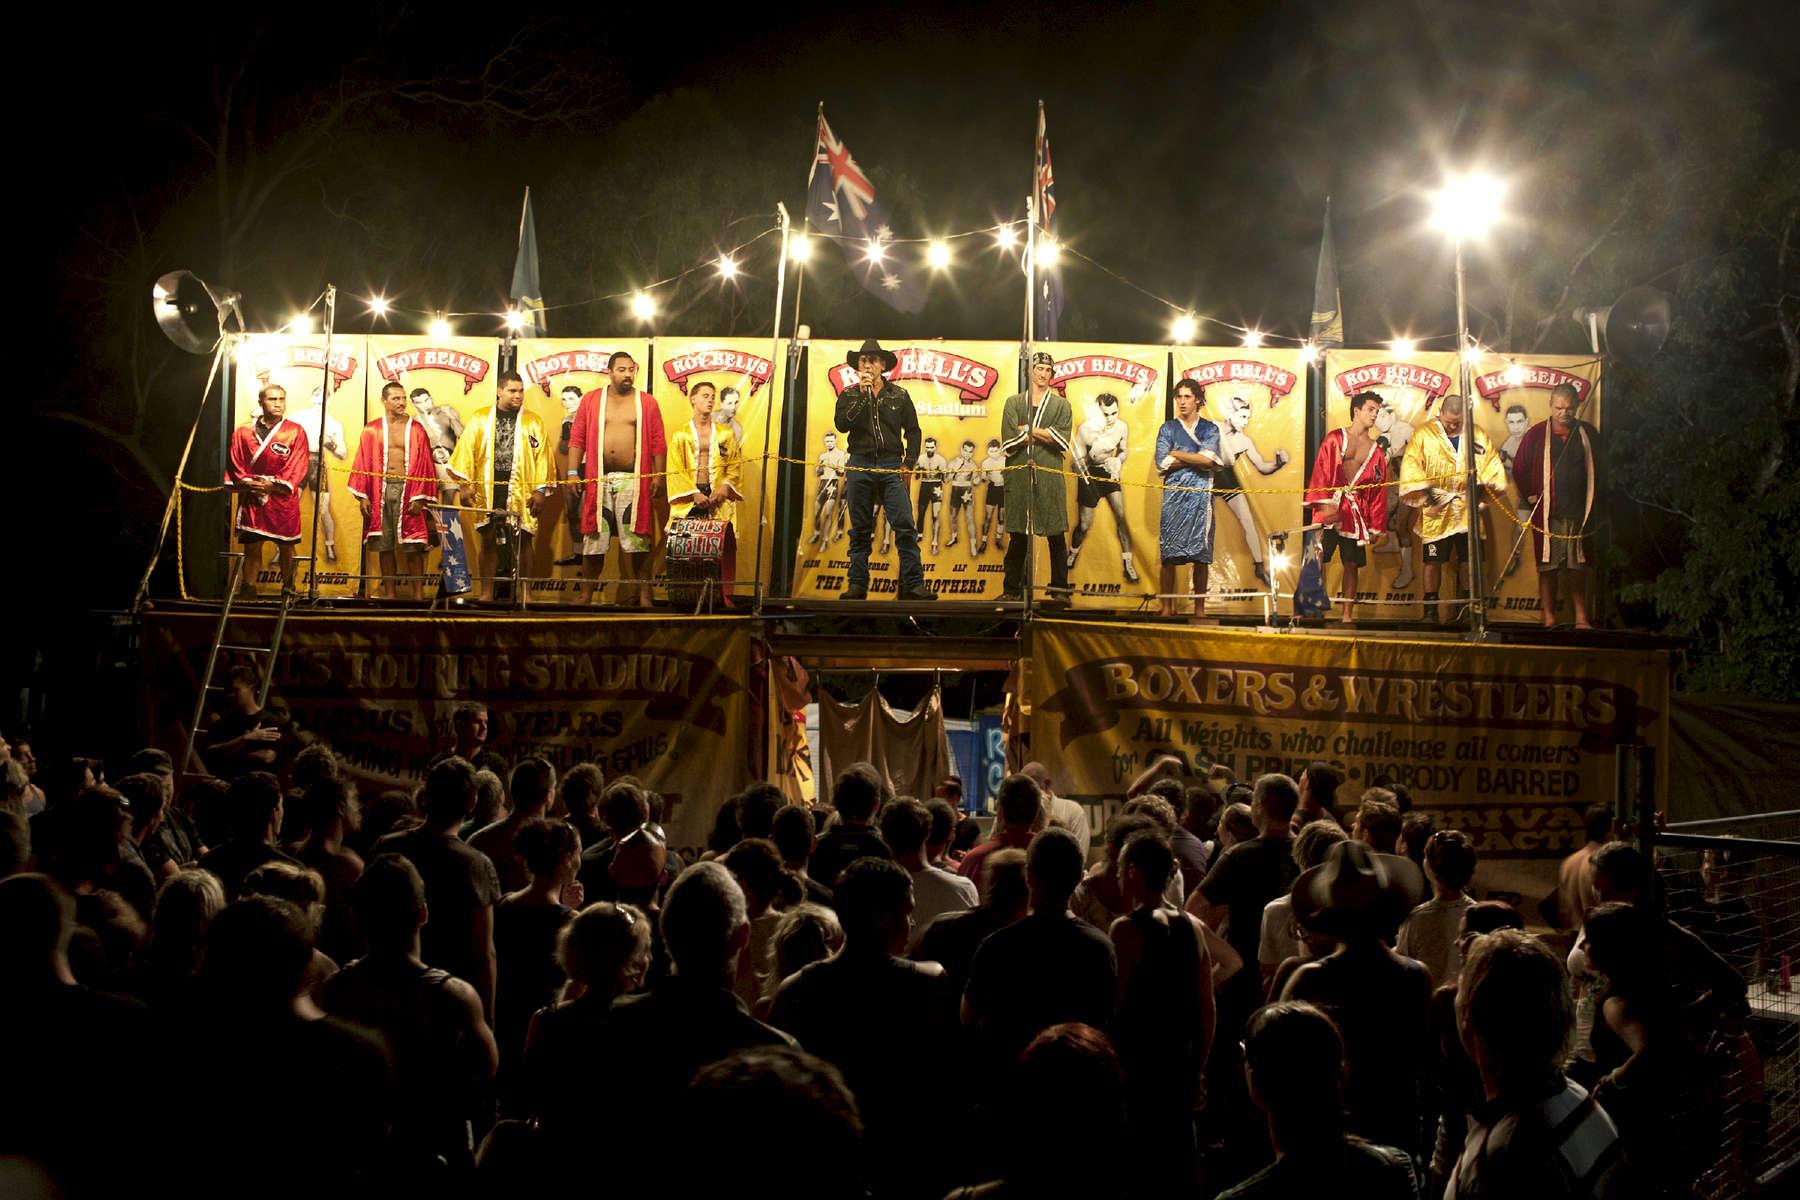 Michael présente les boxeurs, la foule se forme. Michael a souhaité conserver le principe et le décor de la tente telque son grand-père l'avait pensé. Darwin, TN, Australie, 2012